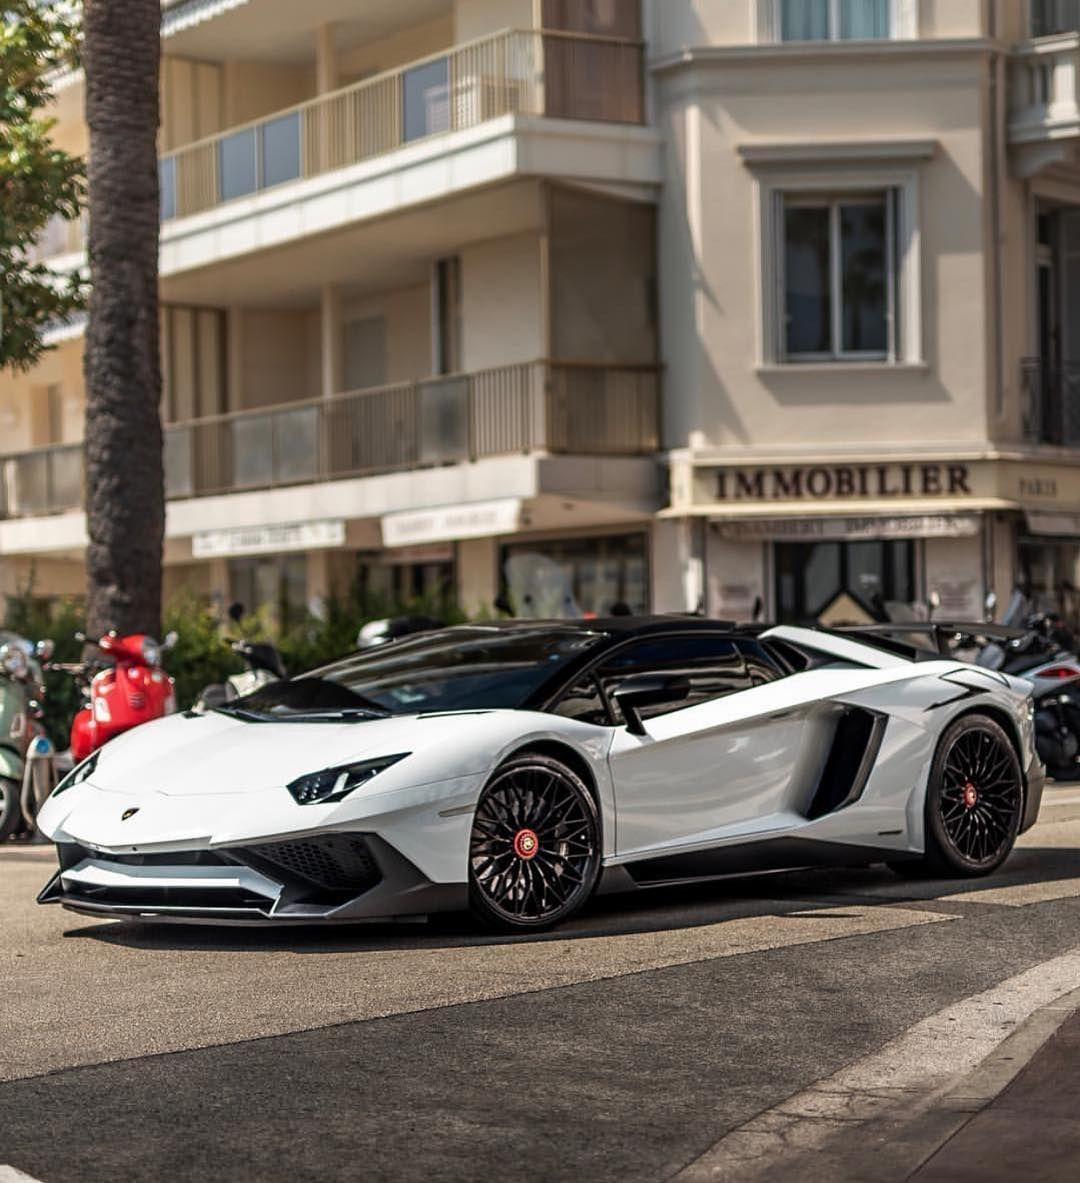 Lamborghini Lamborghini Cars Luxury Cars Hot Cars